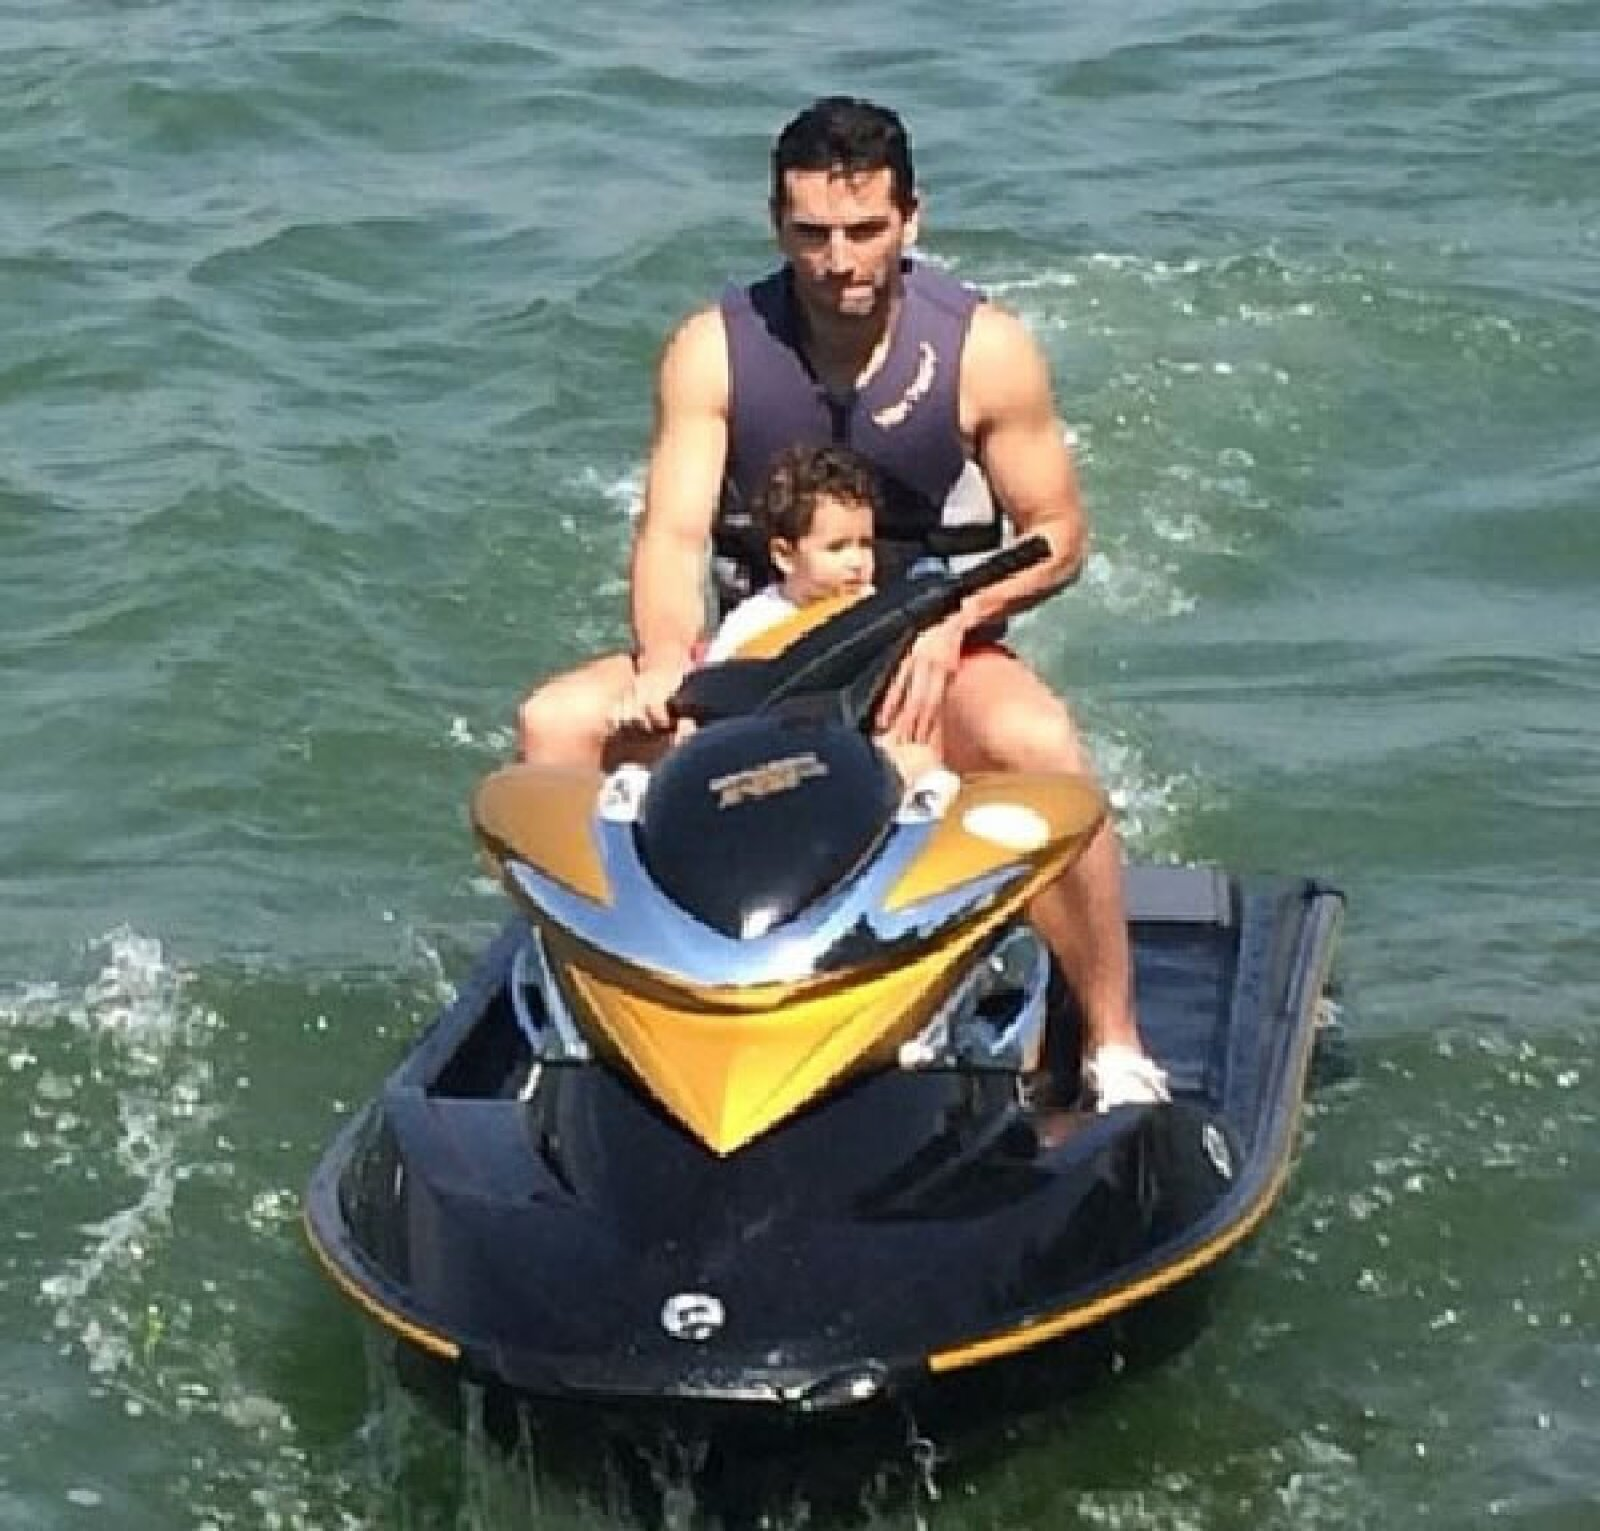 Martín dando un paseo con Mini Jacky. Vemos a una amante de los deportes extremos en 3...2...1...